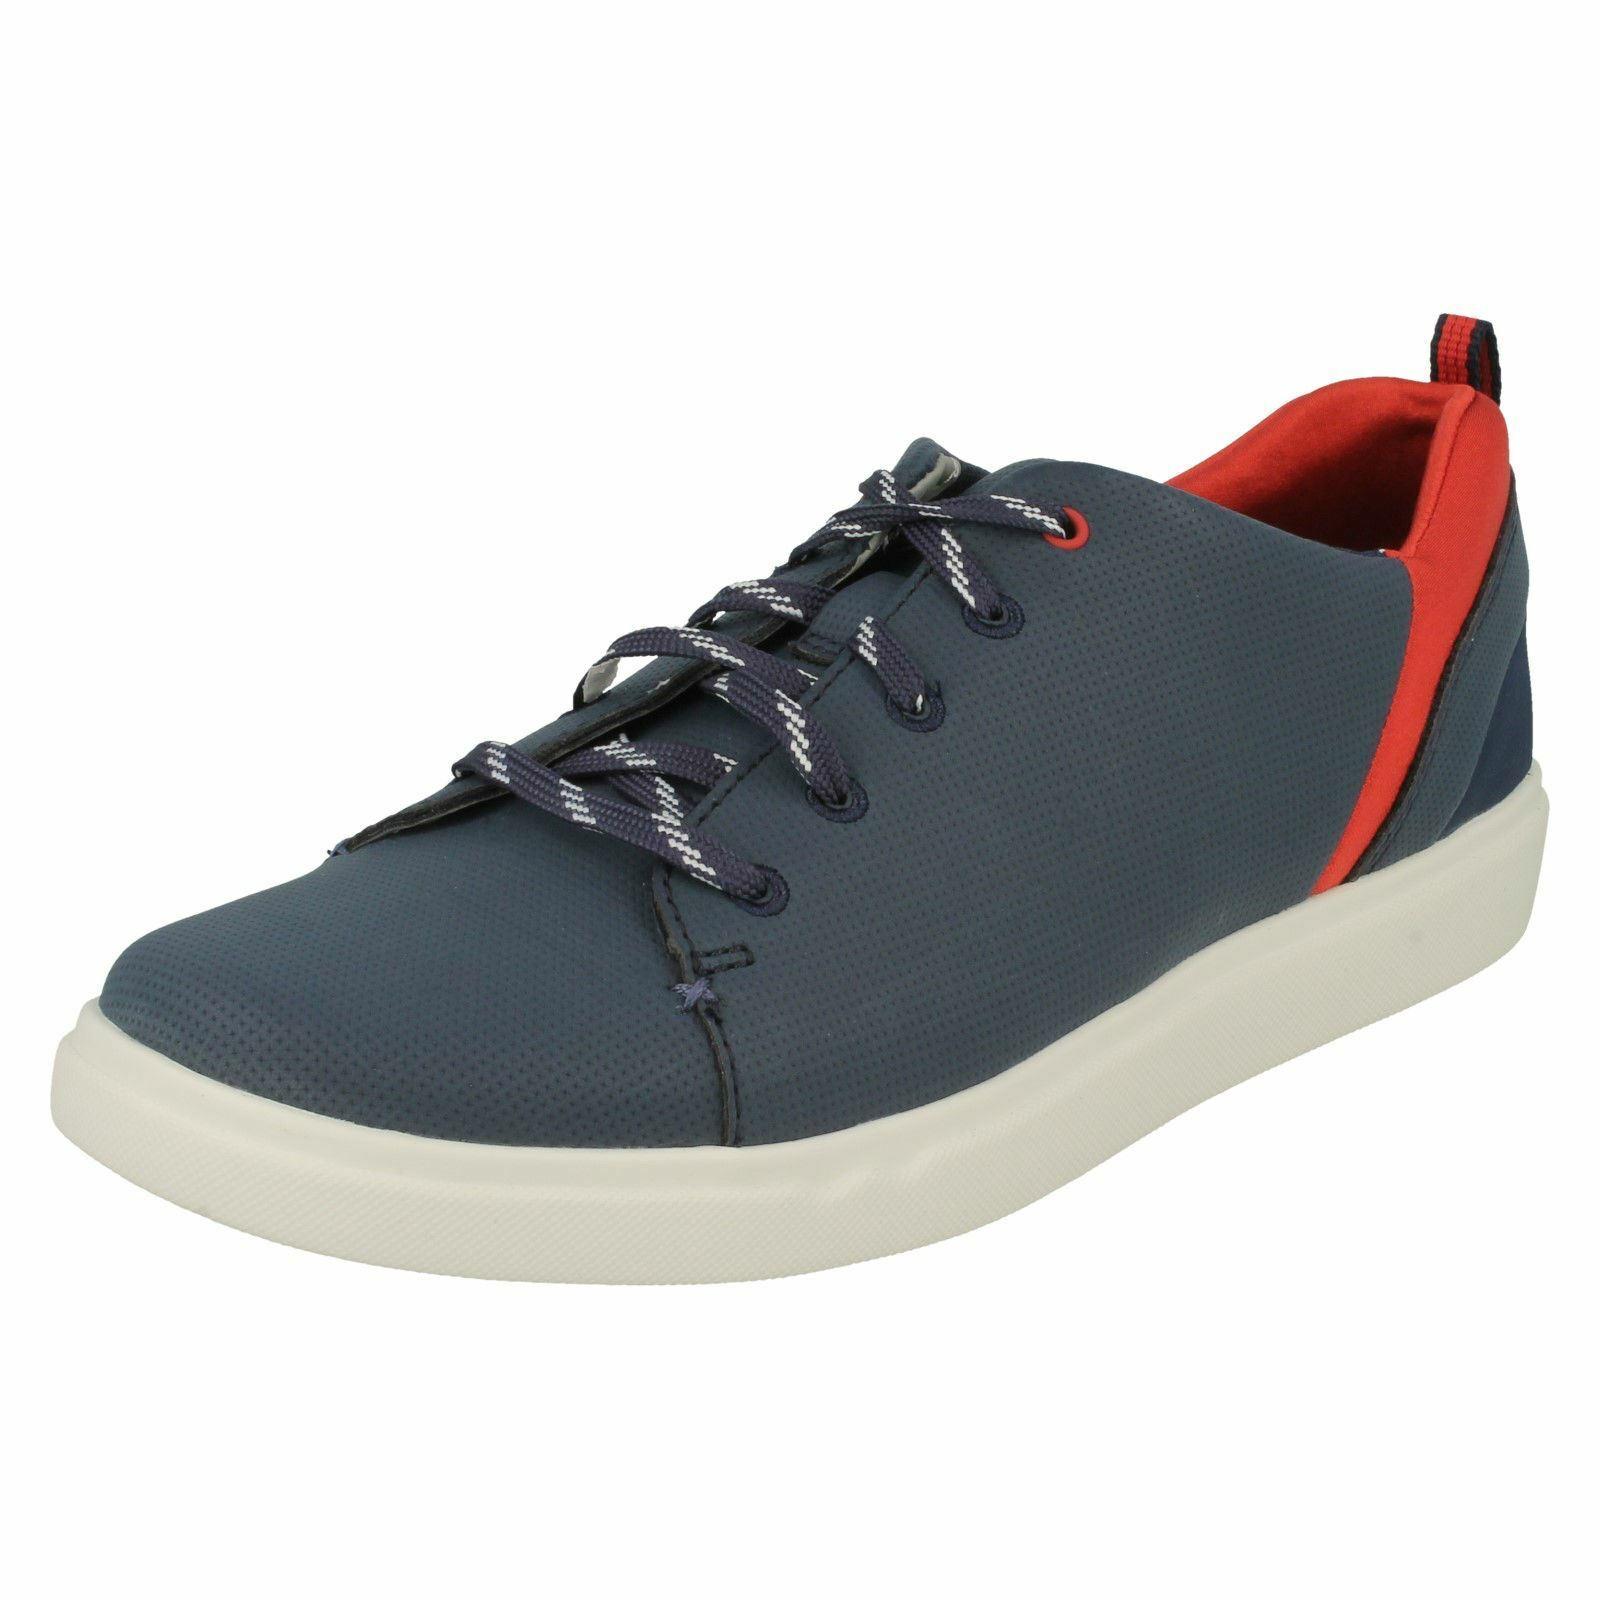 Sandali Donna Clarks casual di tutti i giorni lacci Tessile Trainer scarpe PASSO Verve lo